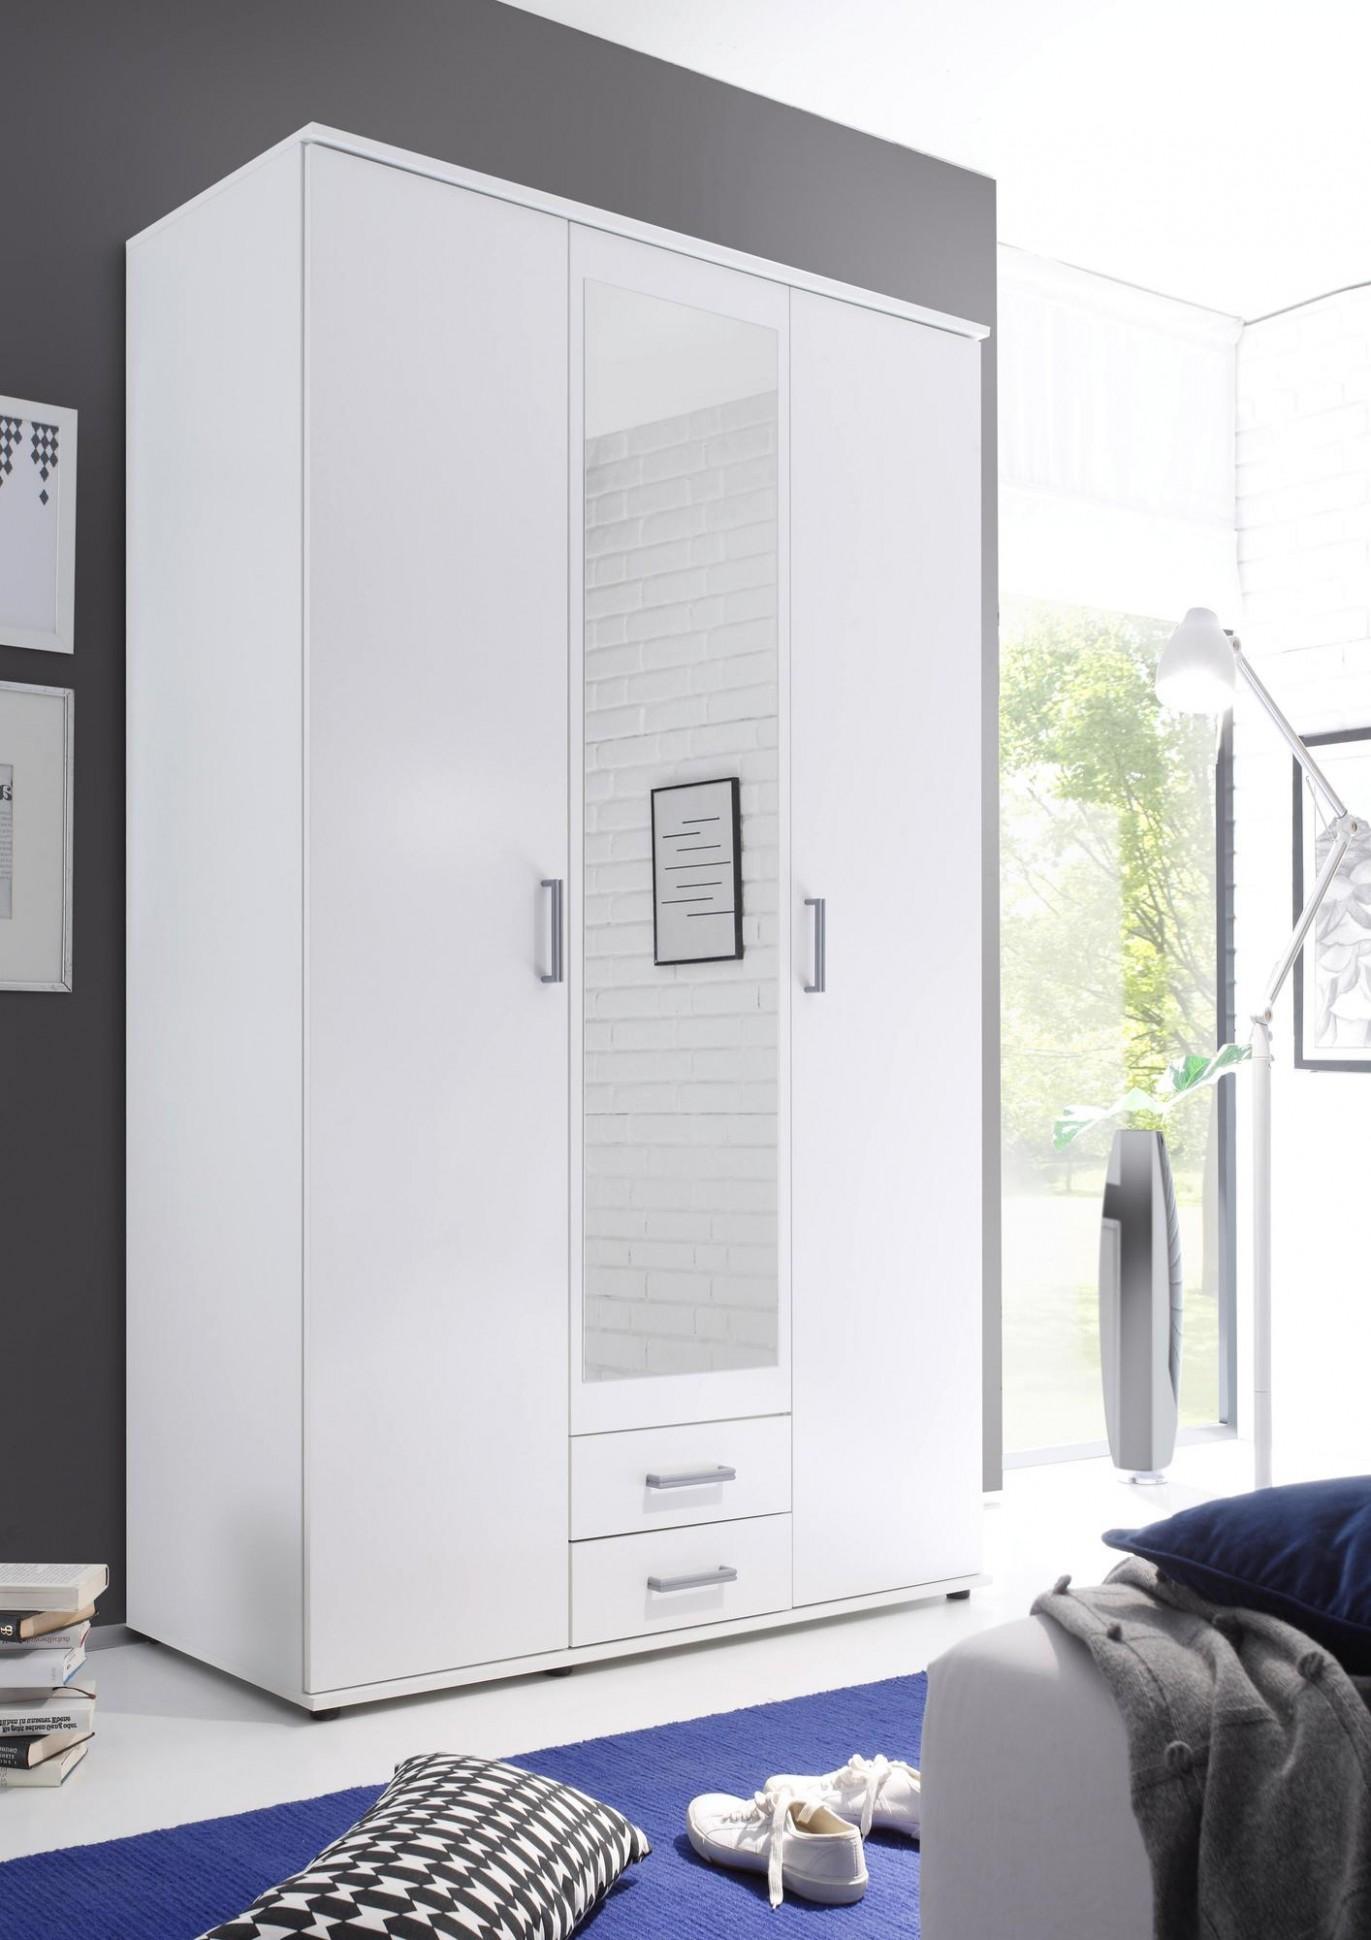 Šatní skříň KARL SCONTO sleva - Nejlevnější nábytek do vašich domovů